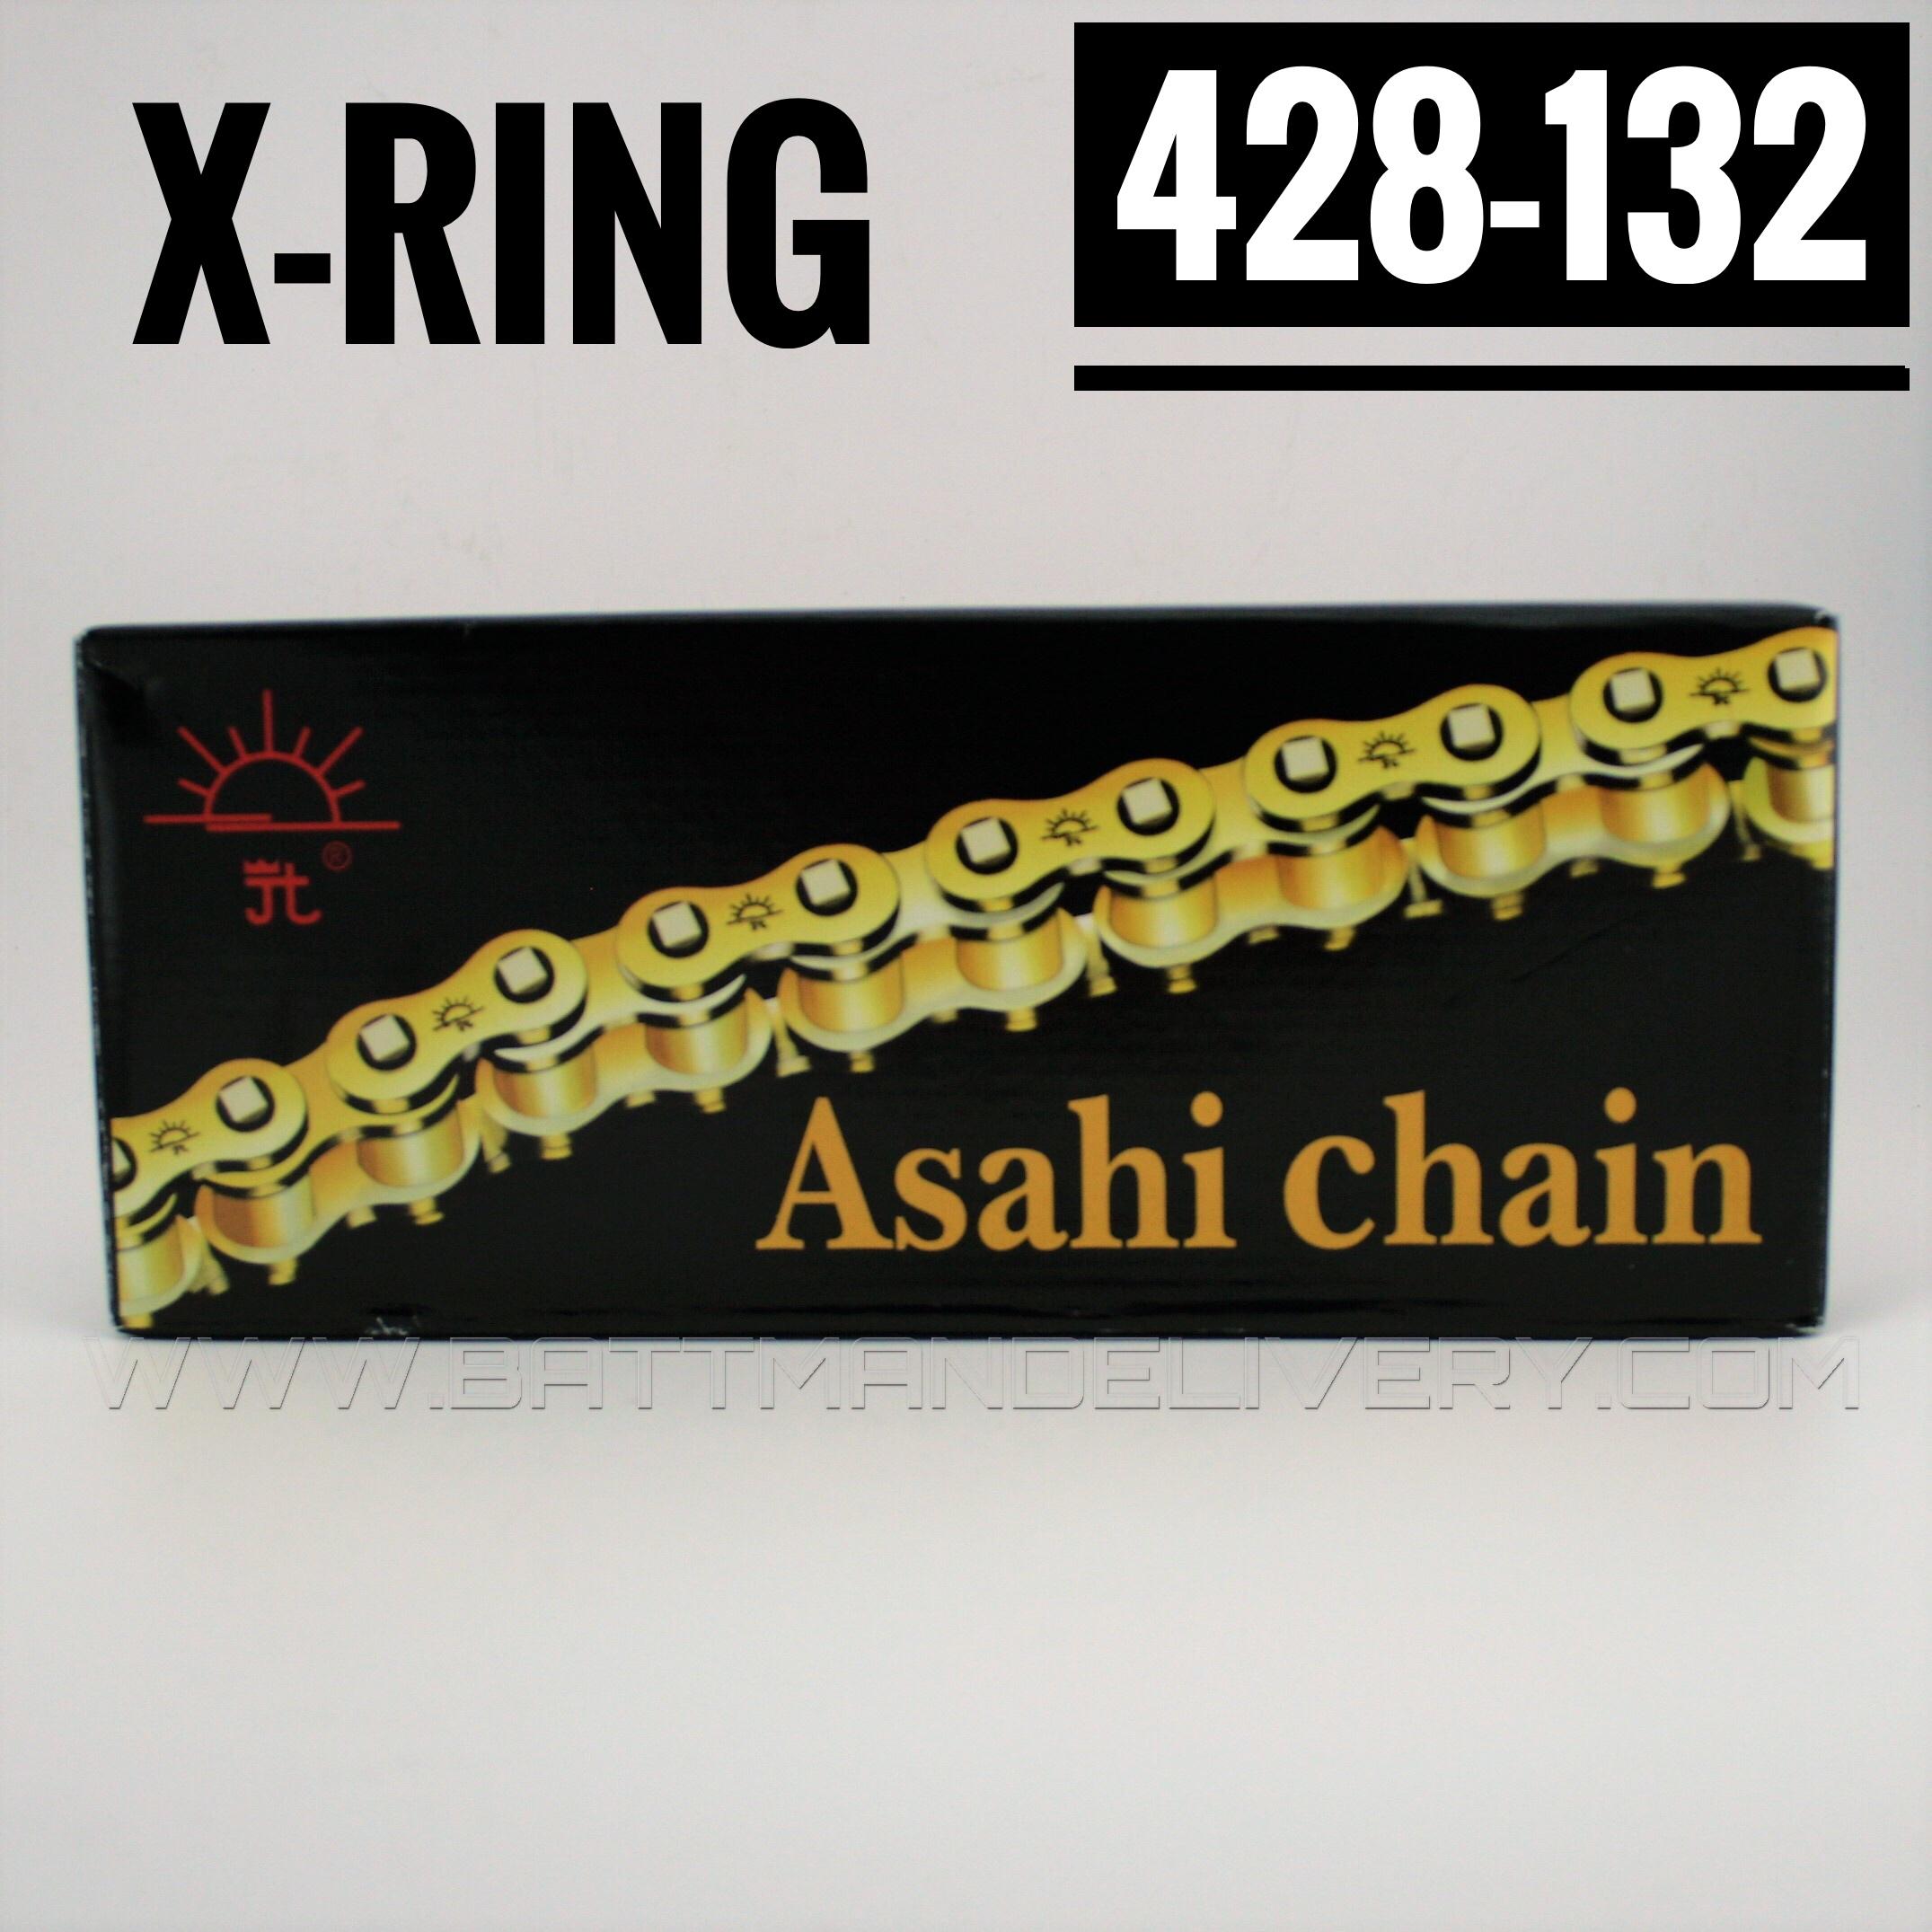 โซ่พระอาทิตย์ X-RING 428-132SL มีกิ๊ปล็อค